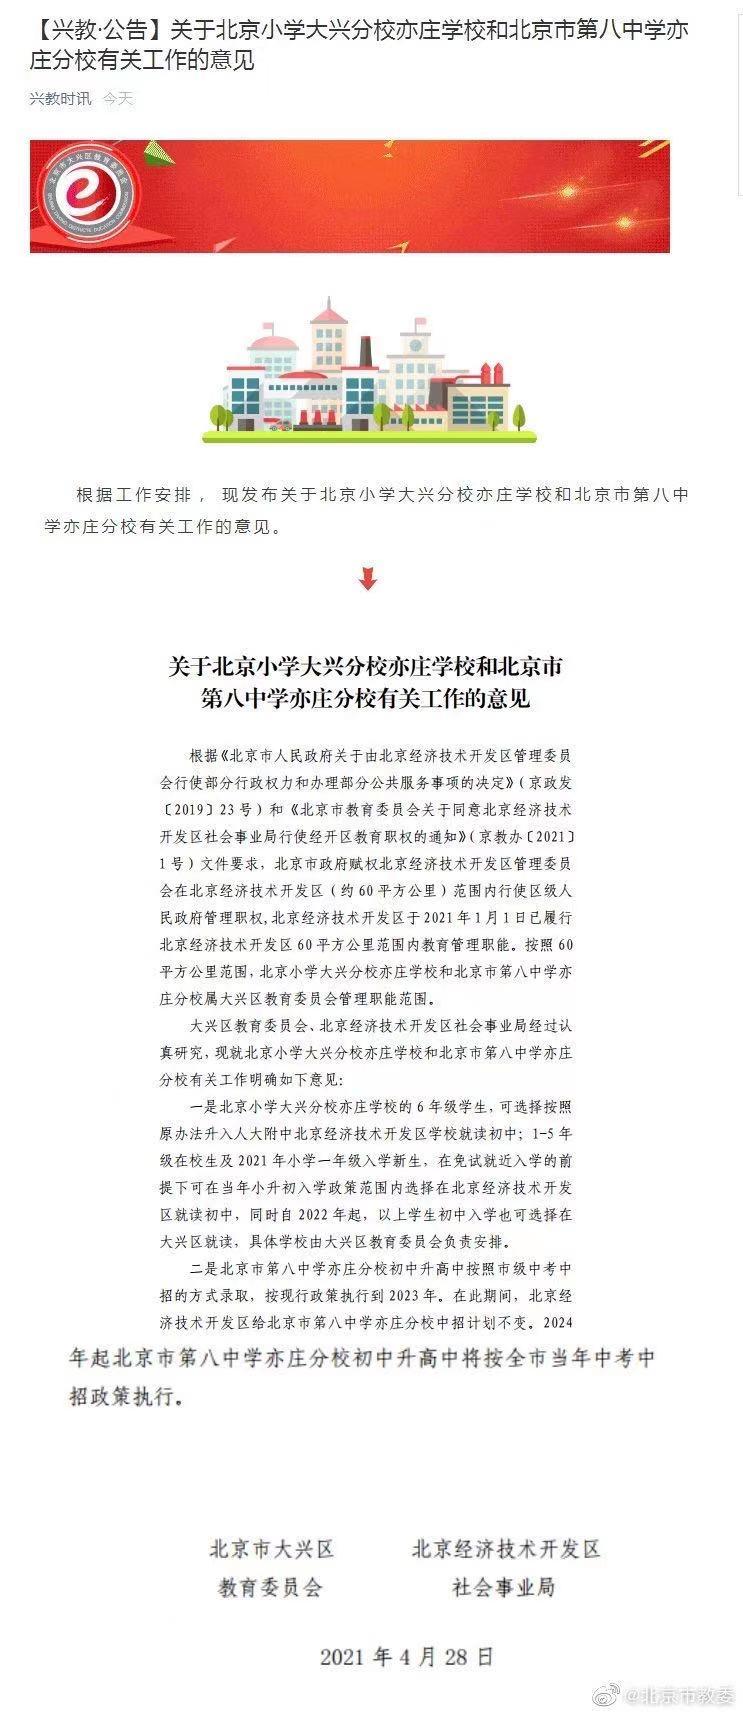 北京小学大兴分校亦庄学校学生2022年起初中入学可选择在大兴就读